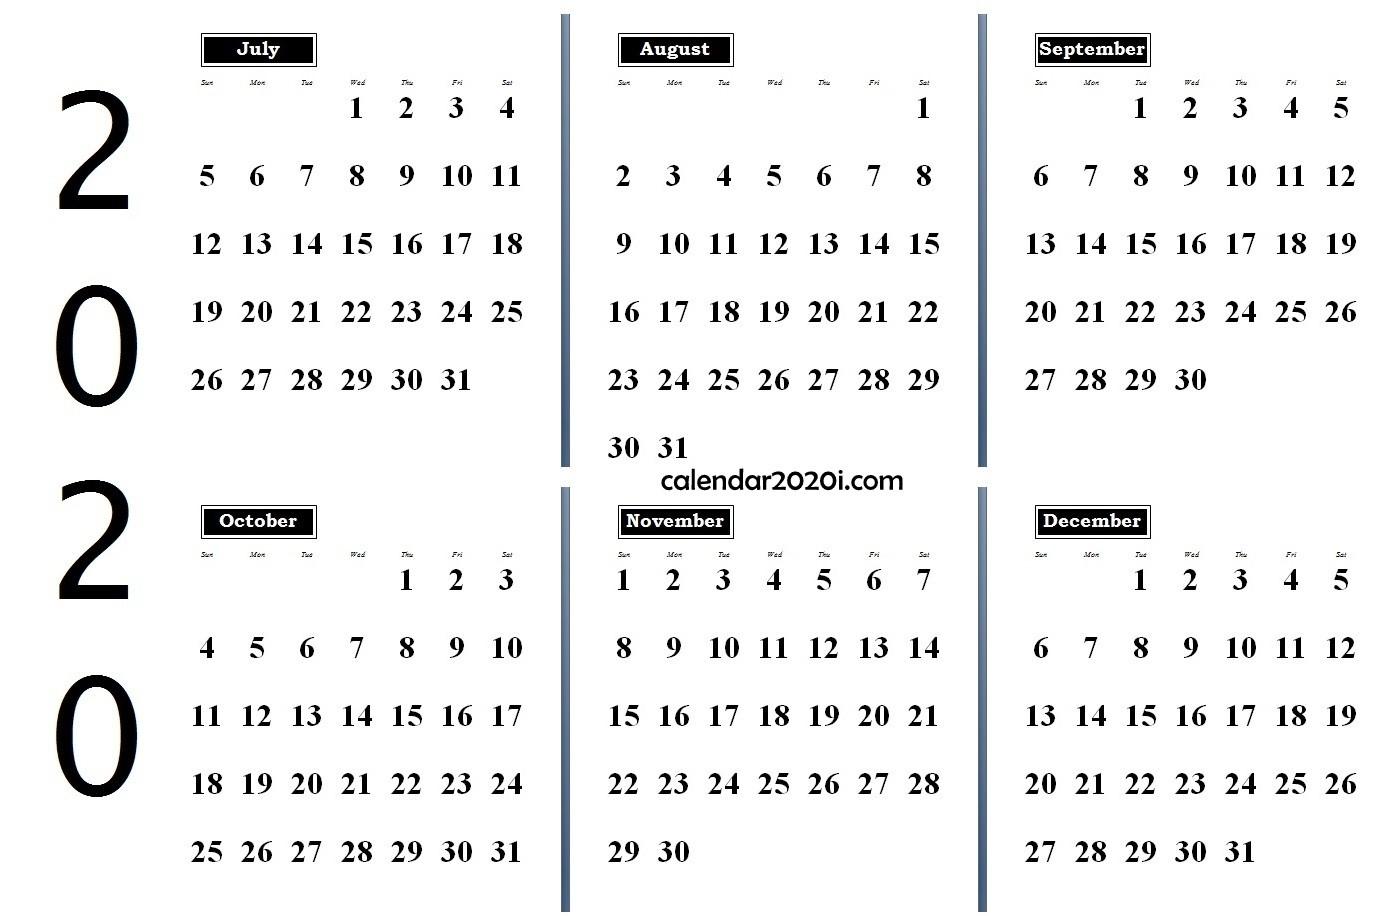 6 Months 2020 Half Year Printable Calendar | Calendar 2020  Australian 20 20 Six Month Calendars Template